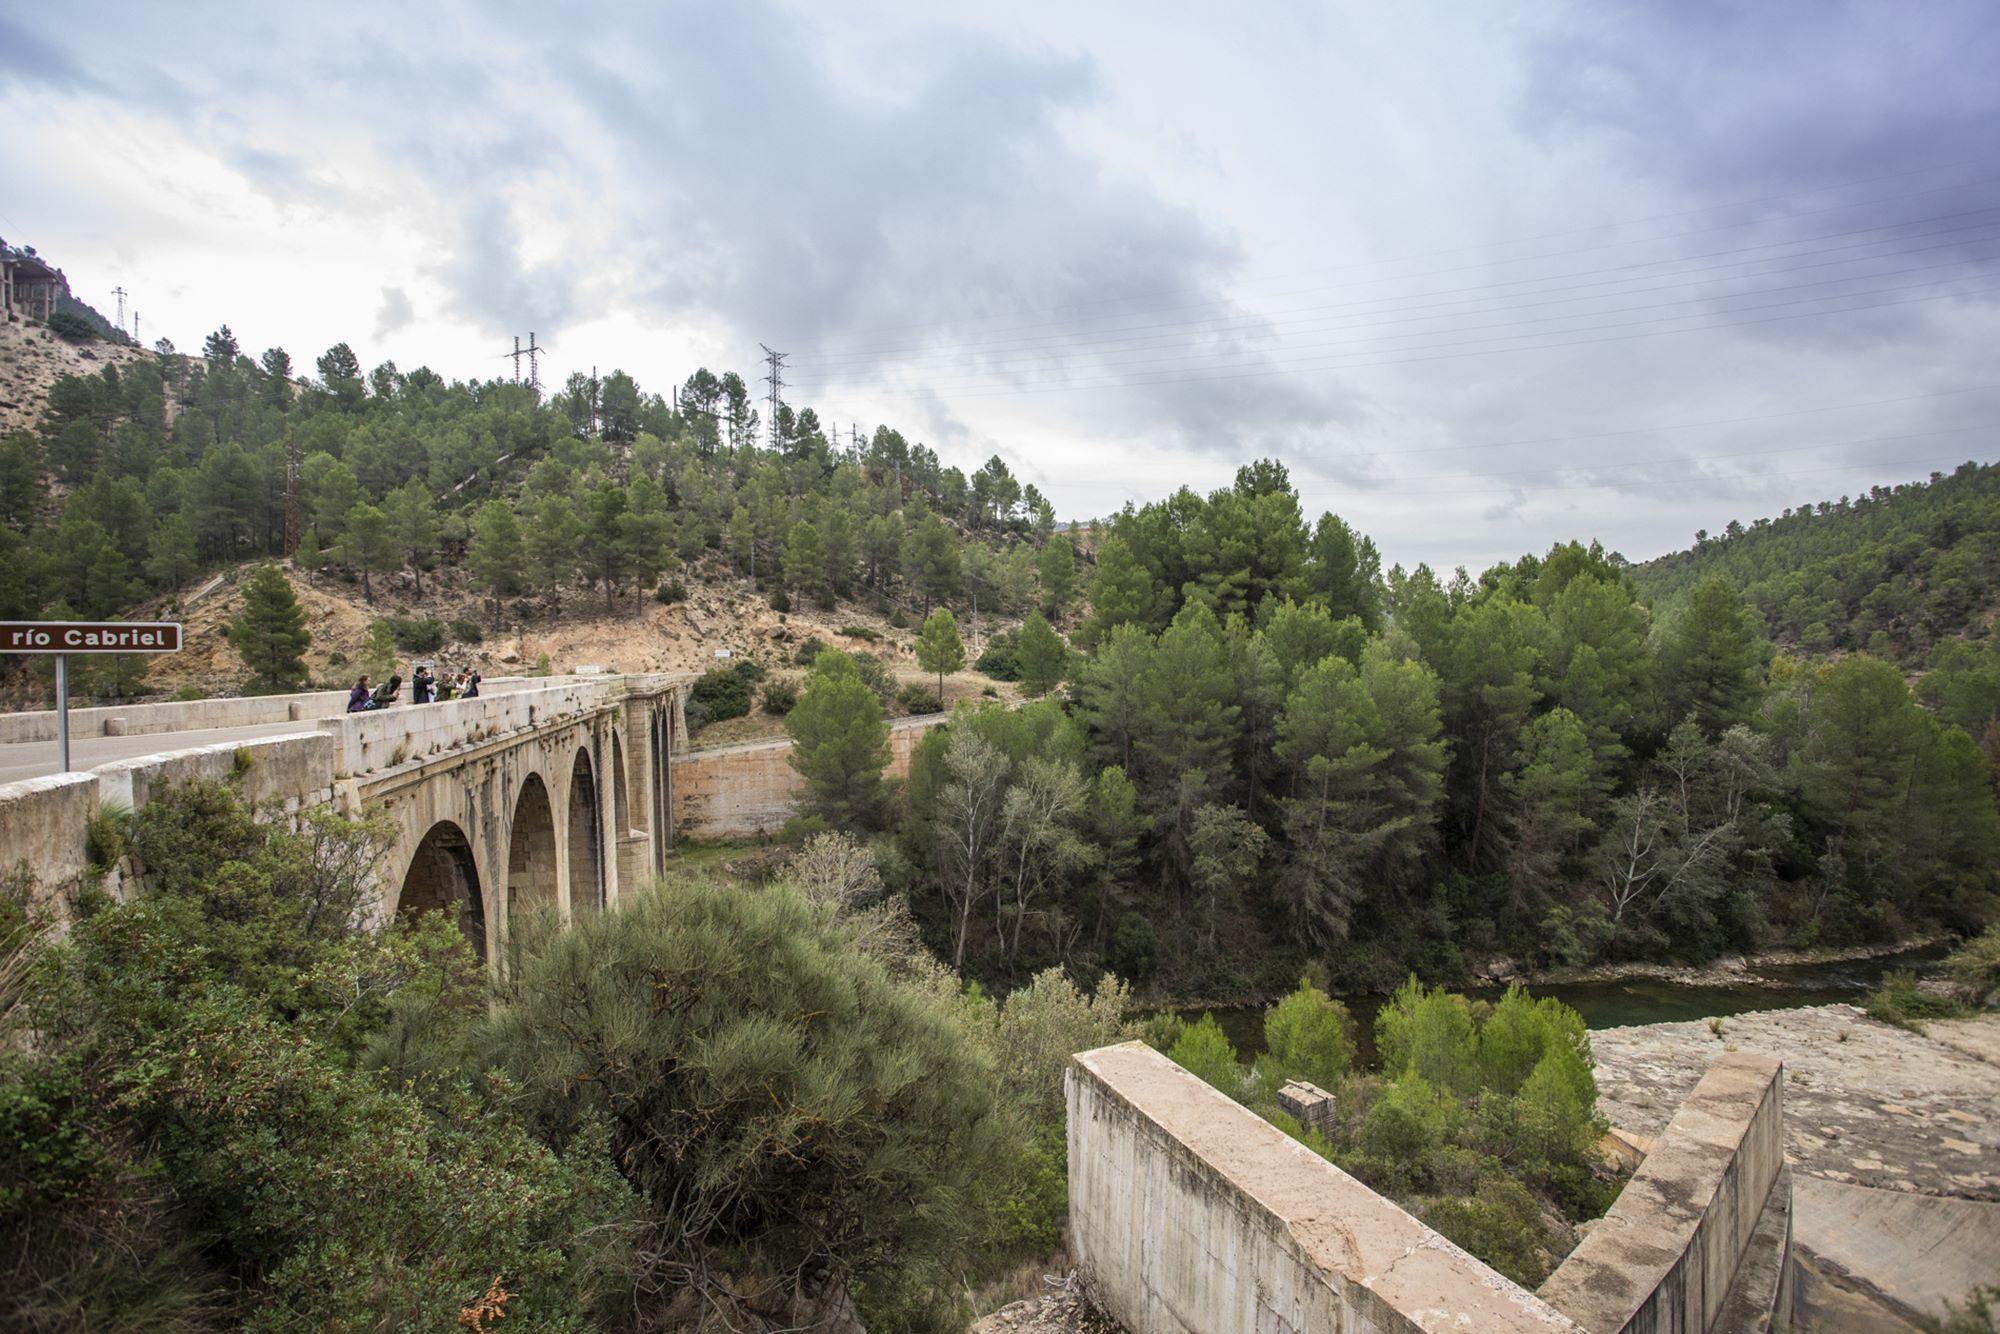 El puente que cruza el río Cabriel, buen lugar para avistar algún pájaro de la zona.